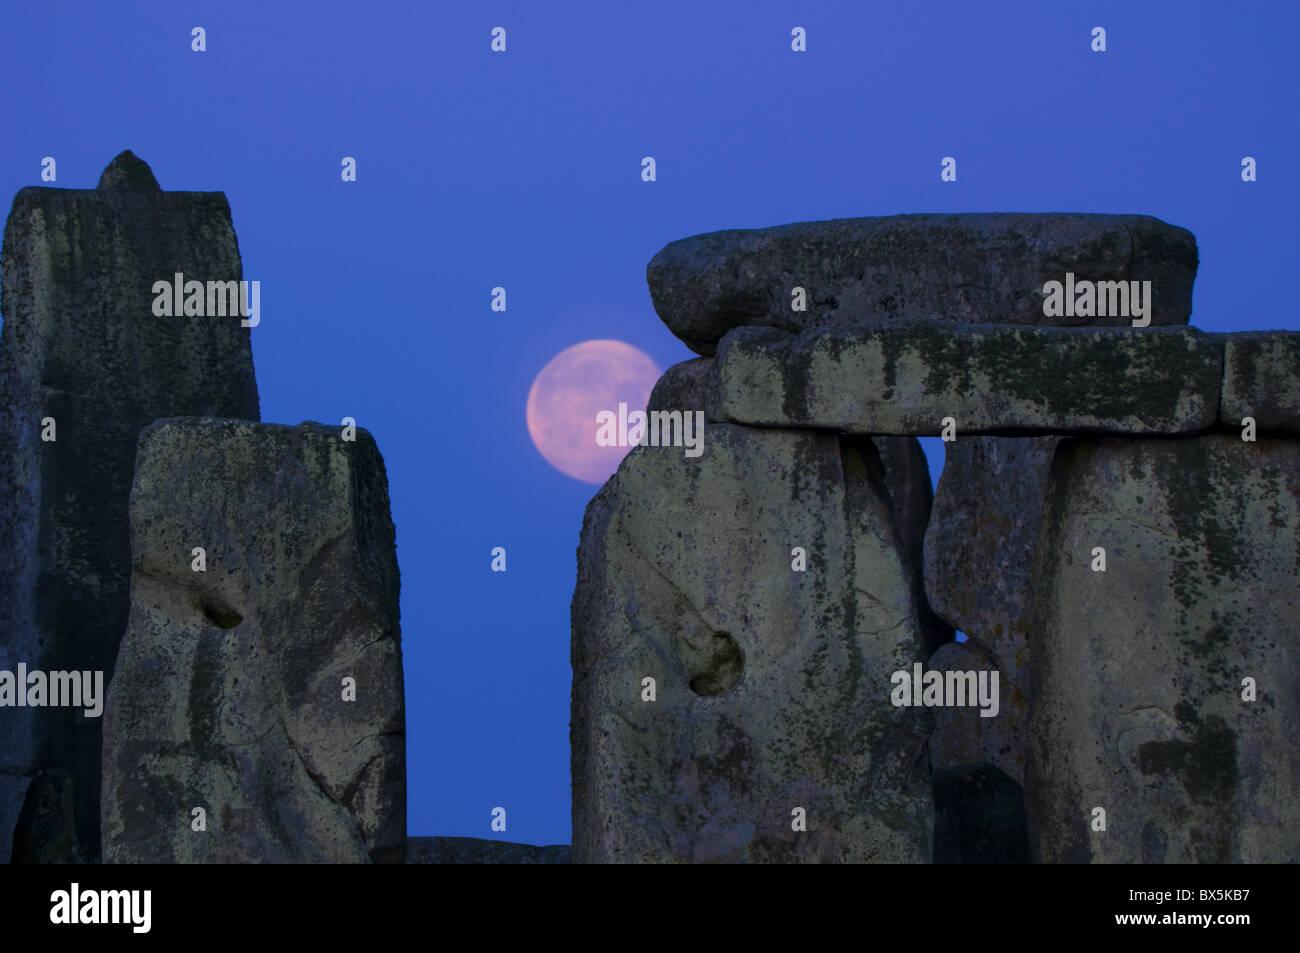 Moon behind Stonehenge, UNESCO World Heritage Site, Wiltshire, England,  United Kingdom, Europe - Stock Image